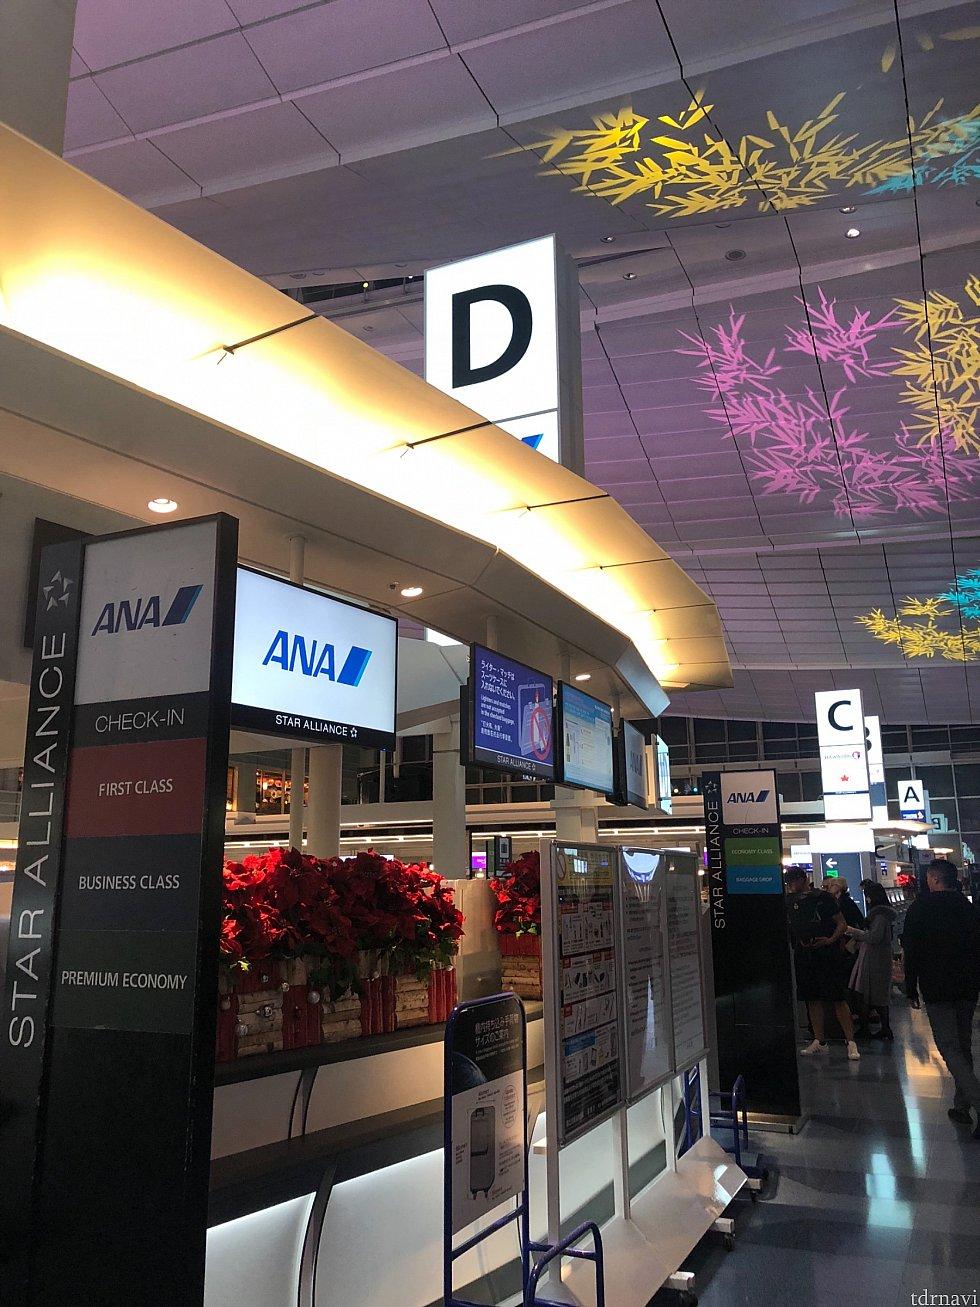 ANAカウターにて、モバイル搭乗券だと電池切れになった時の不安から紙の搭乗券を 出して貰います。